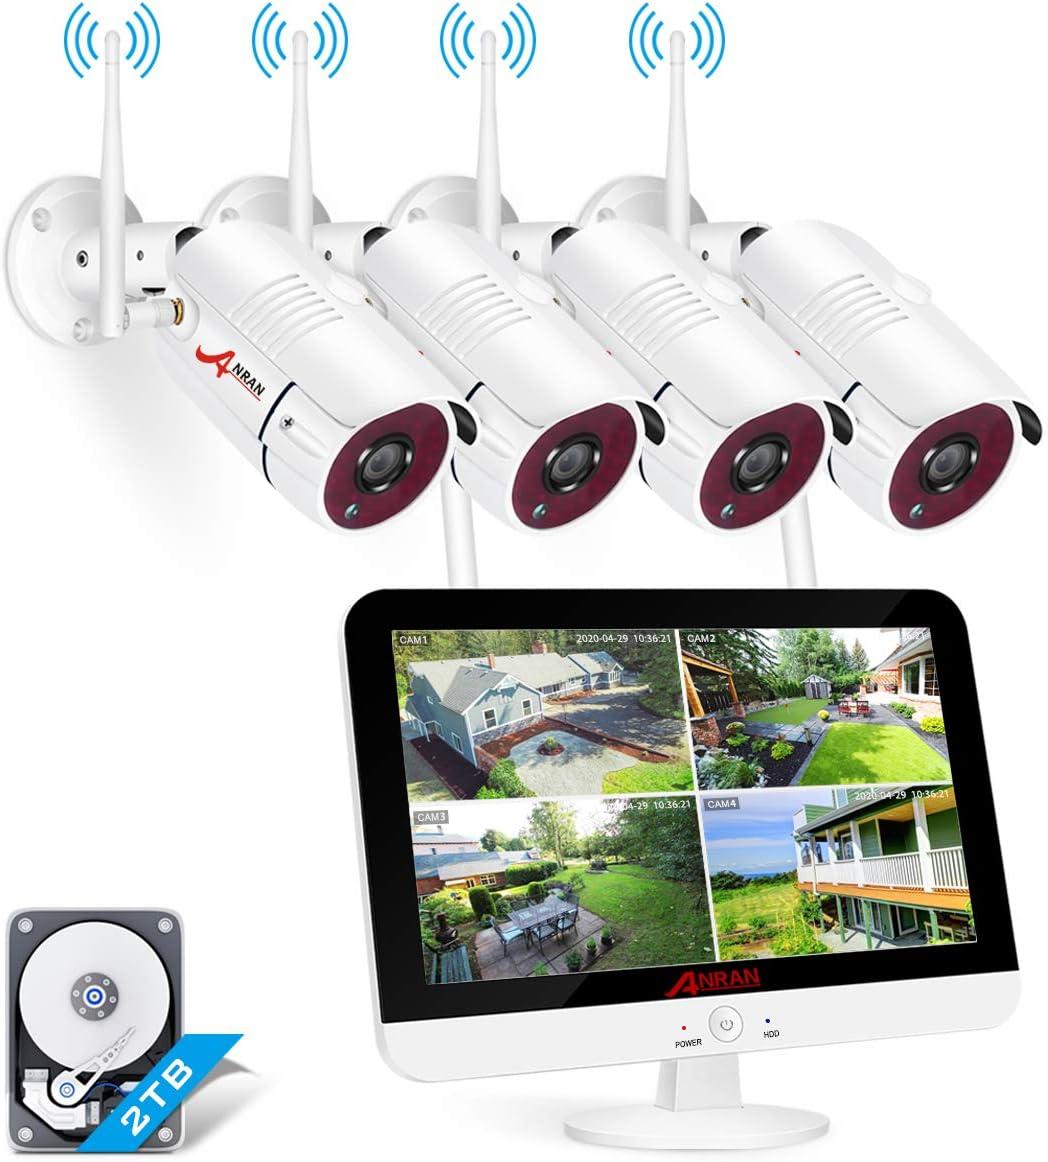 【el m/ás Nuevo】 ANRAN 1080P Kit de C/ámaras Seguridad WiFi Vigilancia Inal/ámbrica Sistema de C/ámara CCTV Inal/ámbrica Kit NVR 8CH con 8 IP C/ámaras Exterior de Visi/ón Nocturna 2TB HDD P2P Acceso Remoto